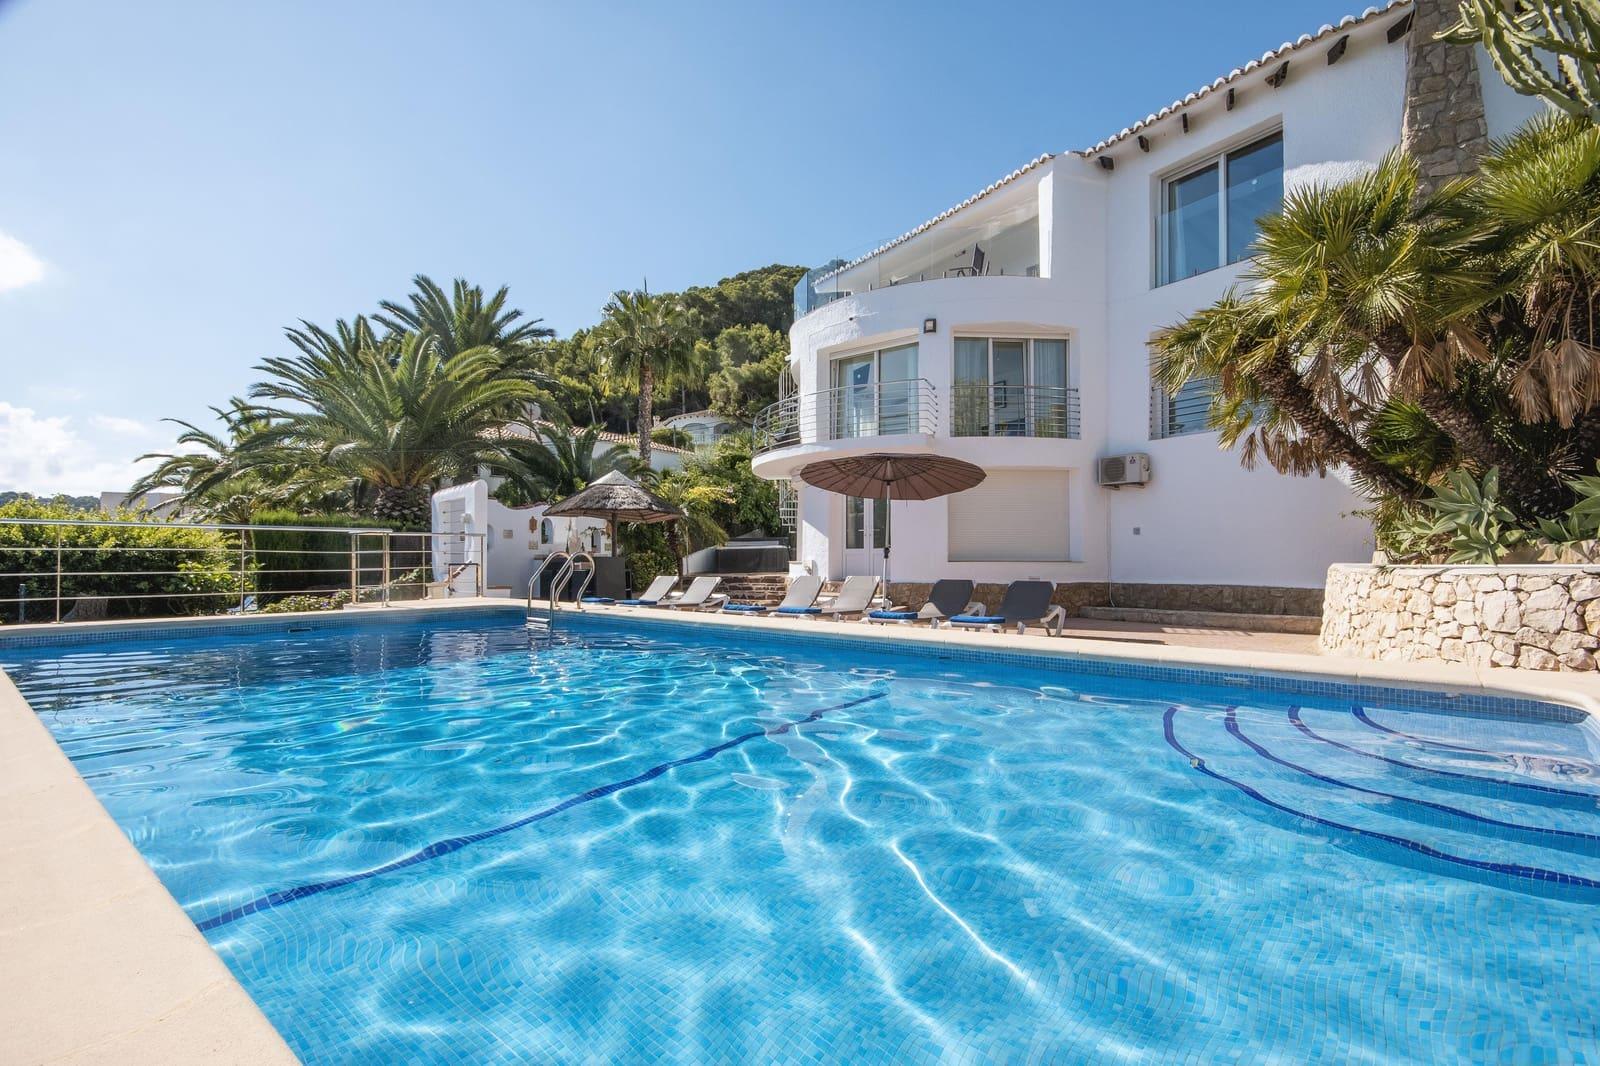 4 sypialnia Willa na kwatery wakacyjne w Mar Azul z basenem garażem - 973 € (Ref: 5382552)